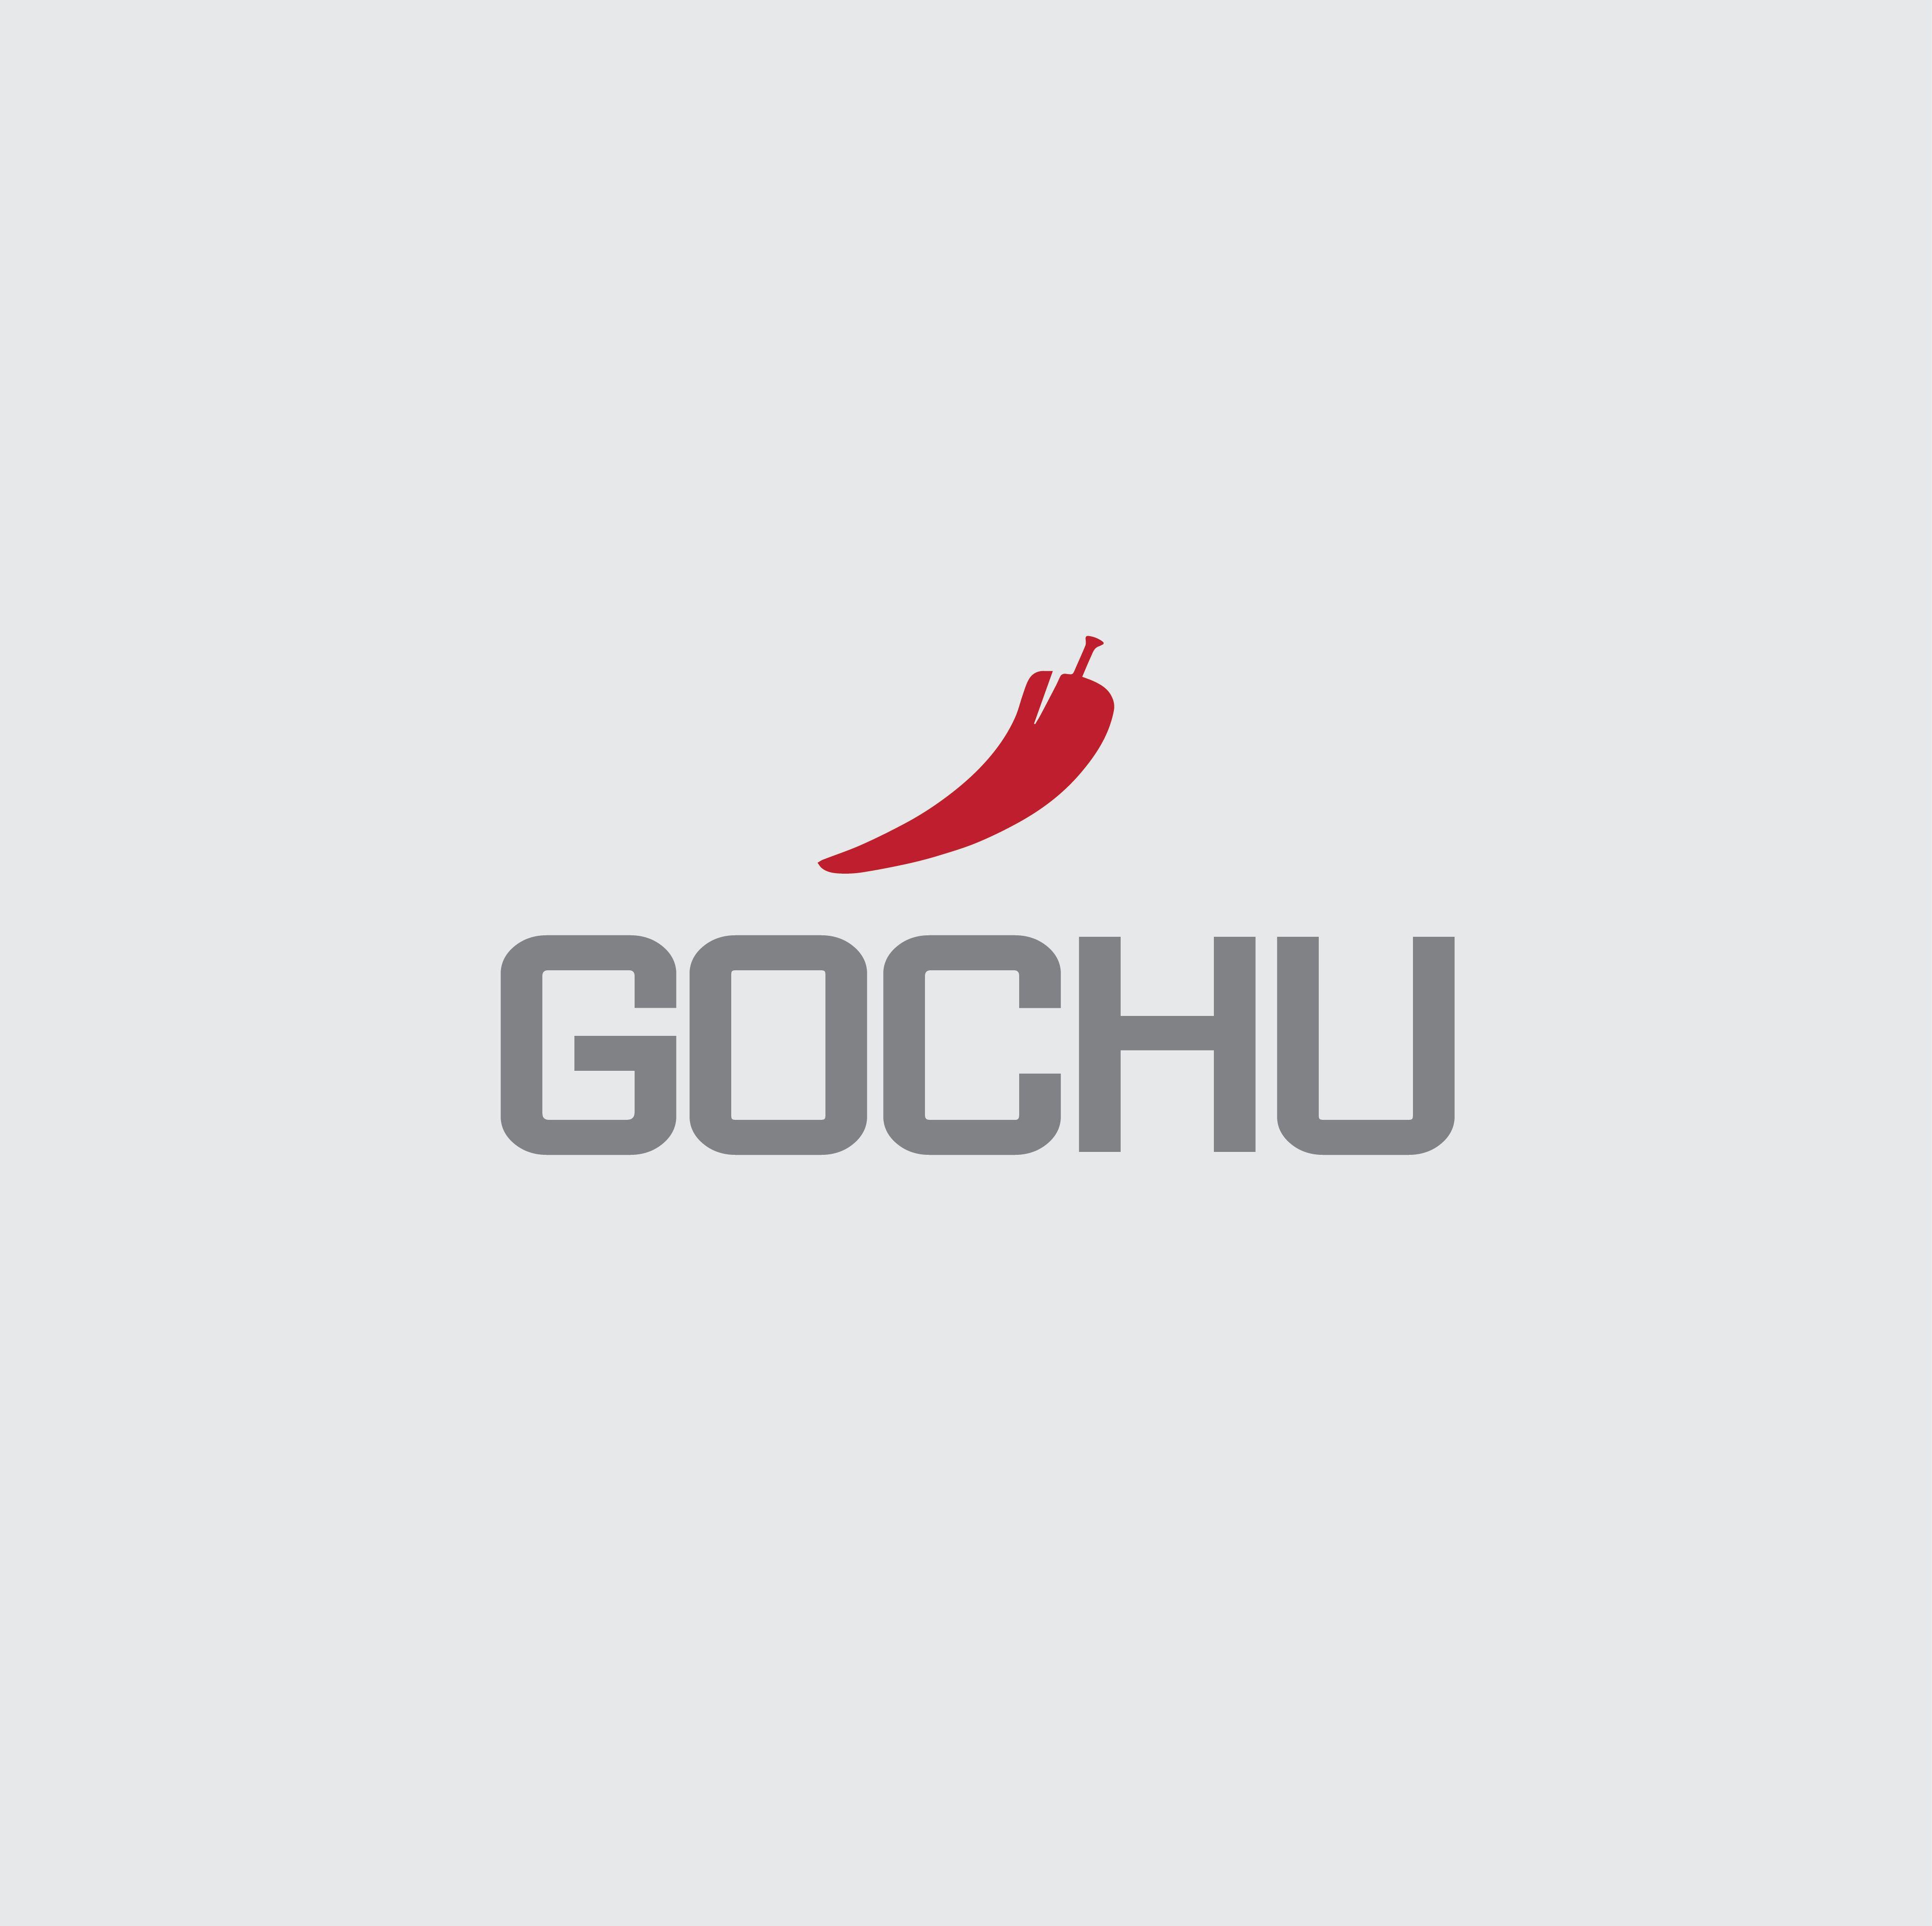 Логотип для торговой марки - дизайнер vmelnikova